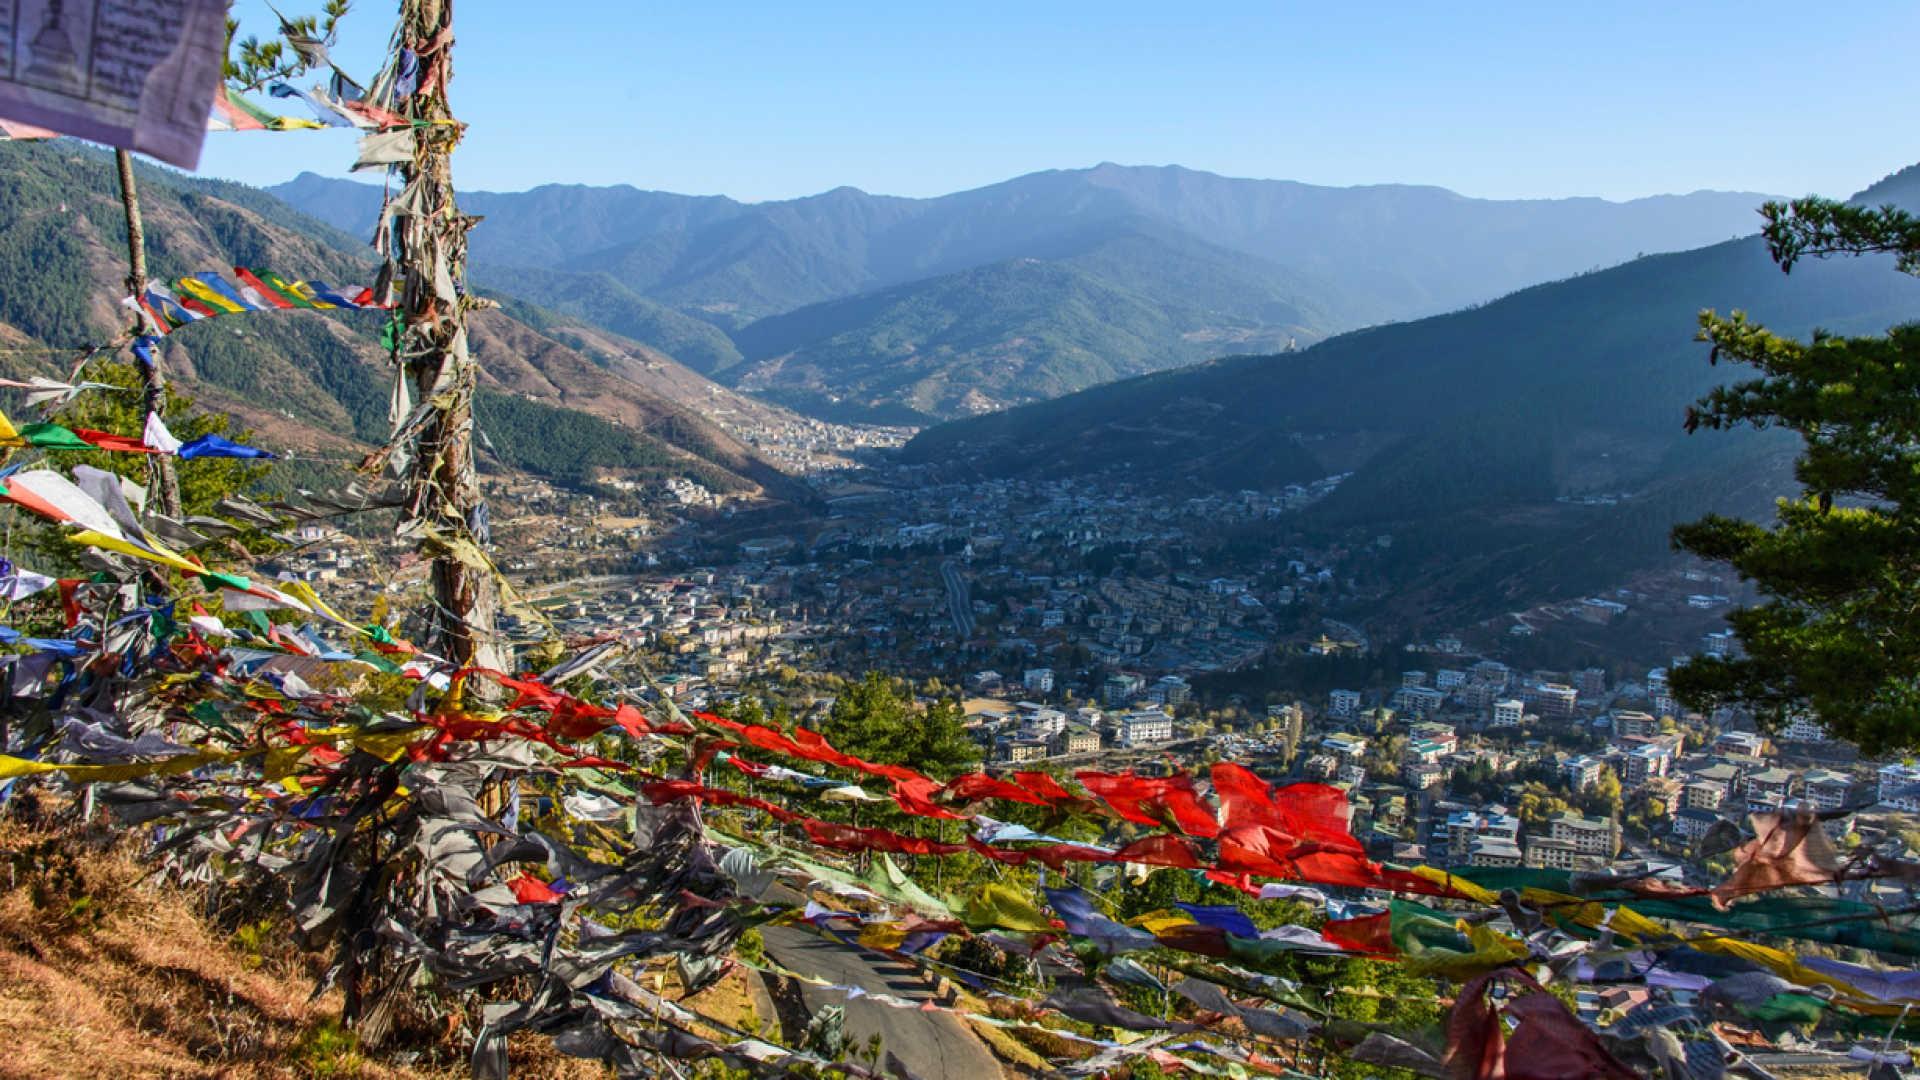 Ngày Quốc tế hạnh phúc: Câu chuyện về Bhutan và những con người luôn nhìn đời bằng ánh mắt lạc quan 3